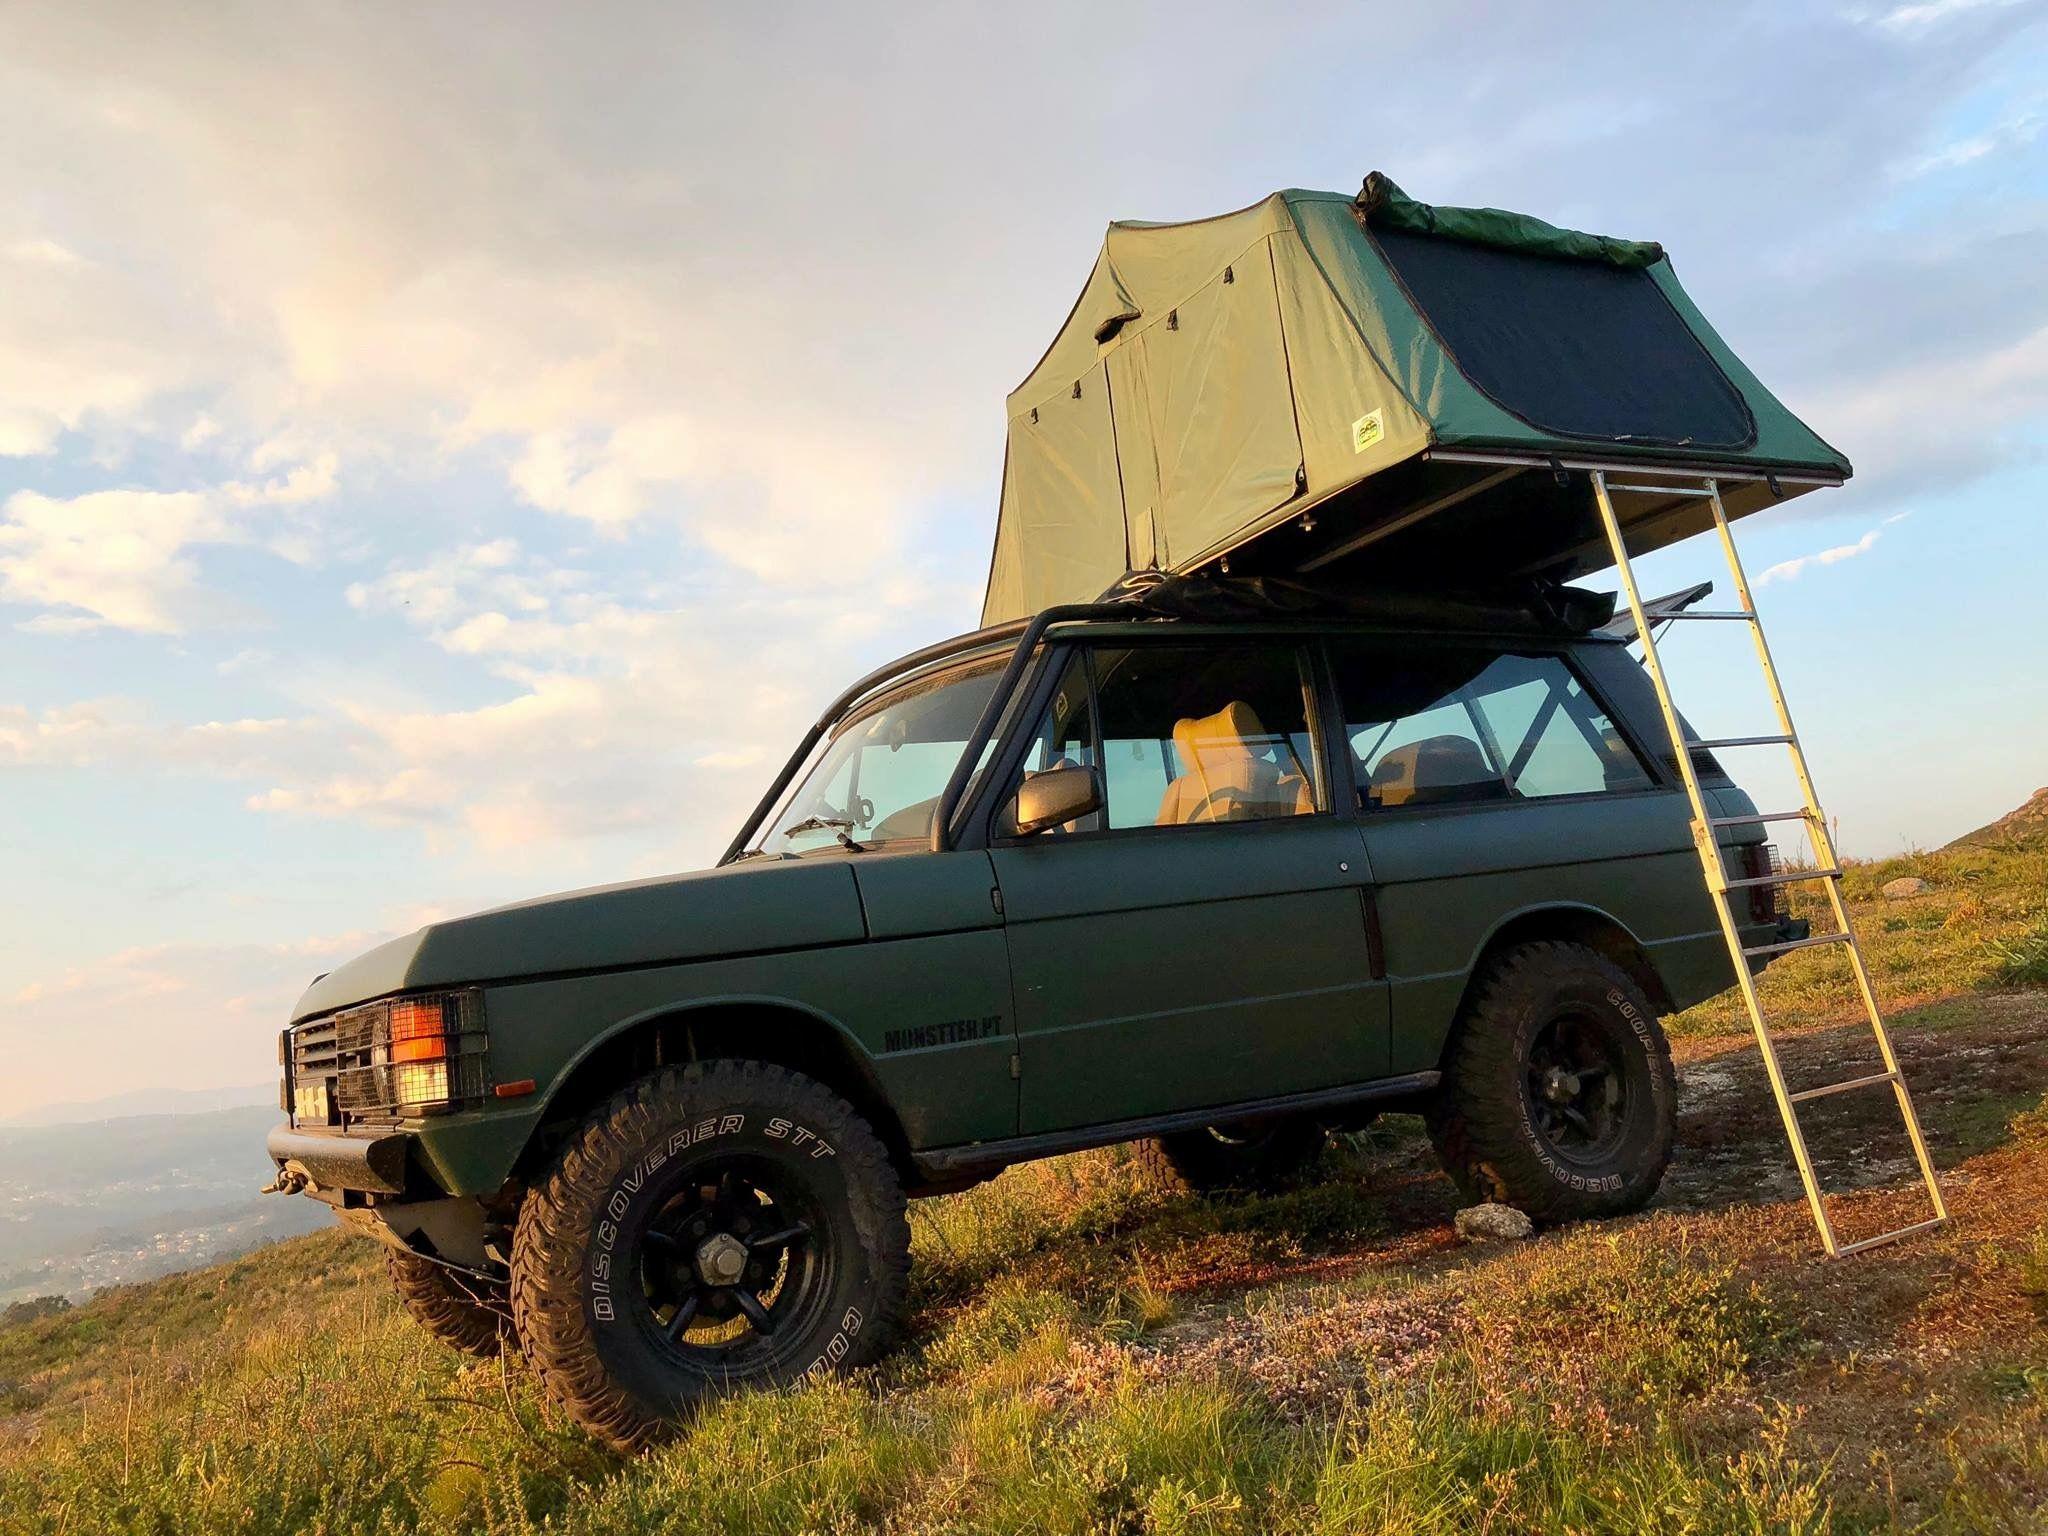 Range Rover Range Rover Classic Range Rover Land Rover